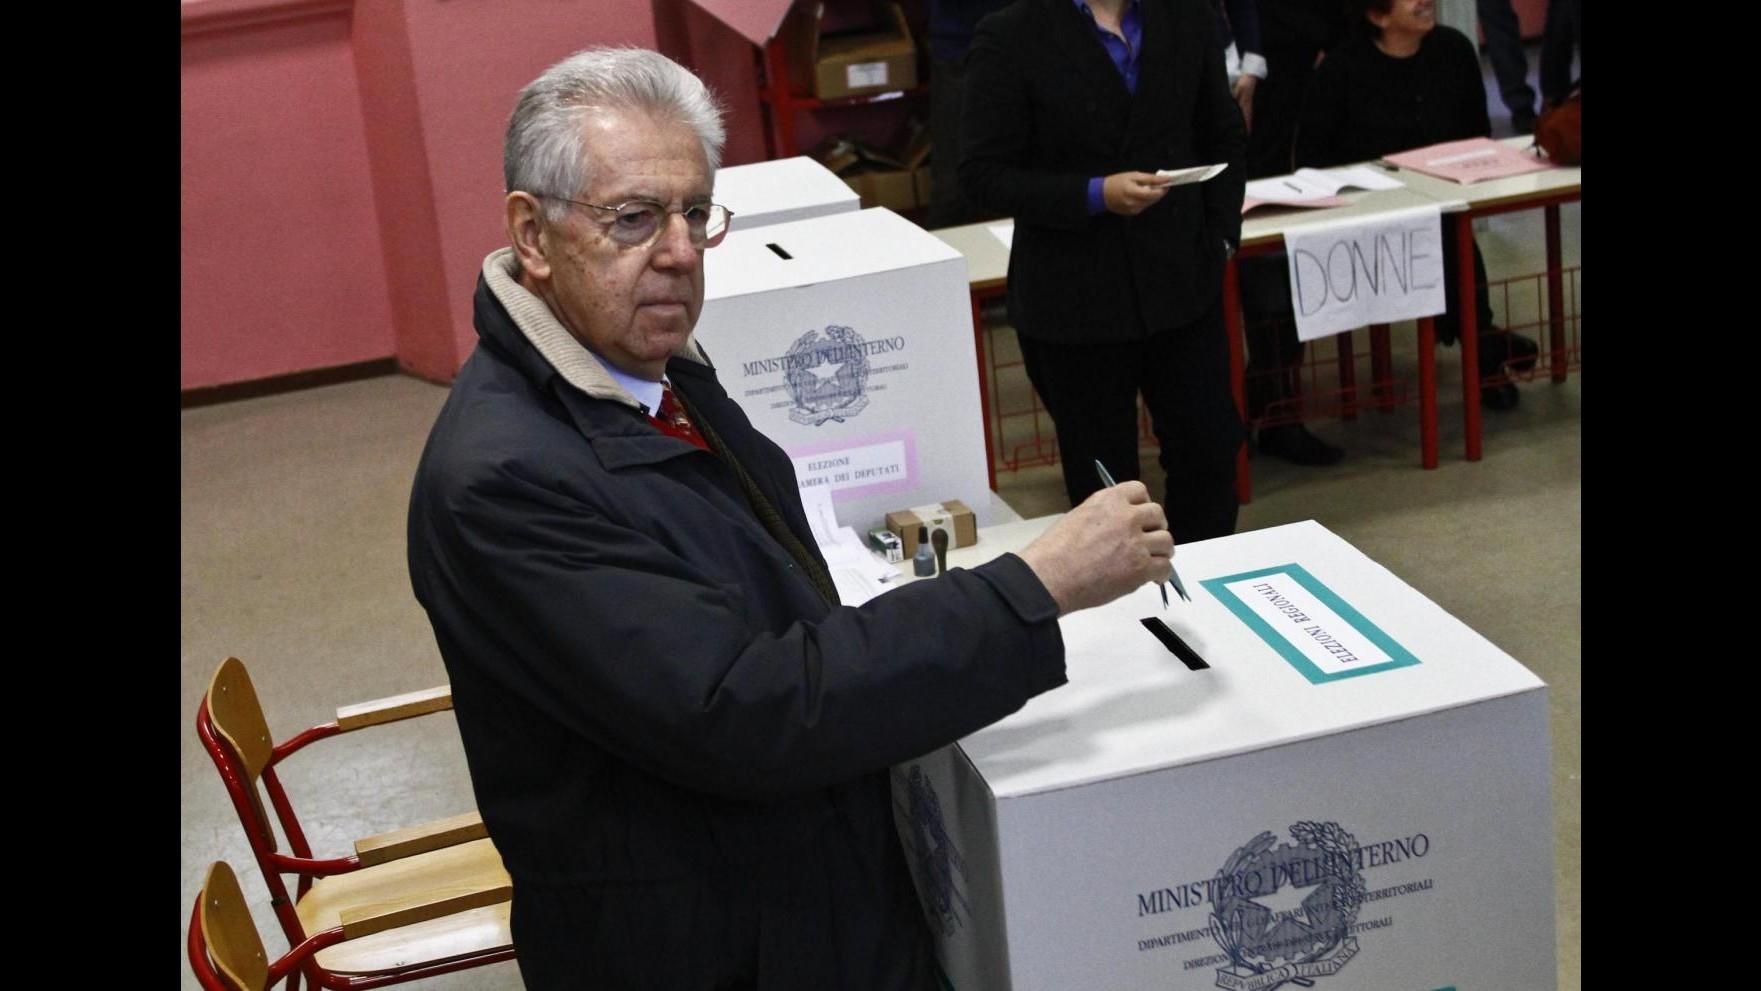 Elezioni, seggi aperti dalle 8: più di 50 milioni di italiani al voto